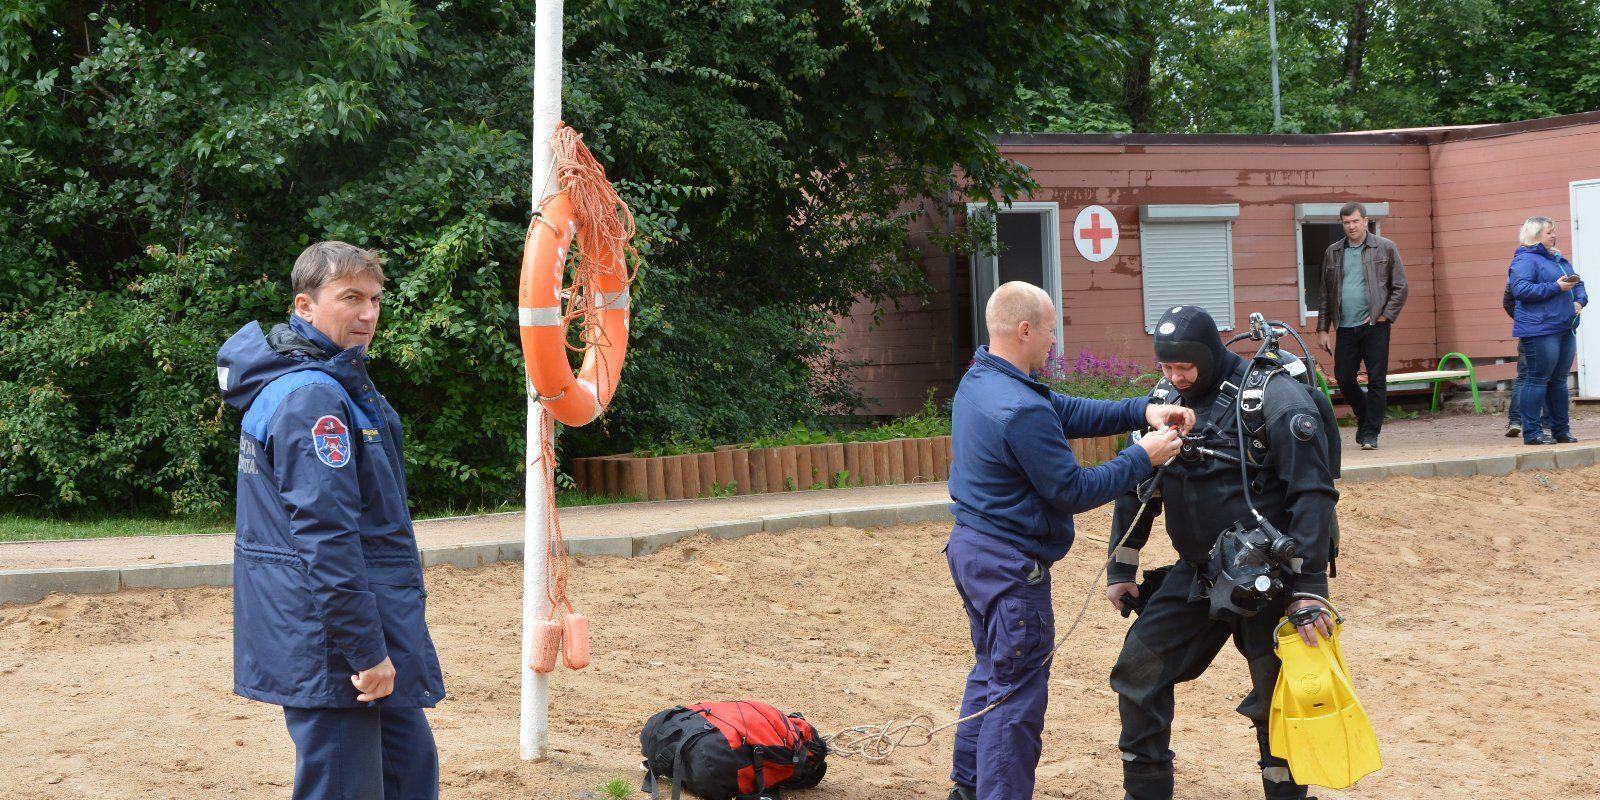 Фото: Пресс-служба Департамента по делам гражданской обороны, чрезвычайным ситуациям и пожарной безопасности города Москвы